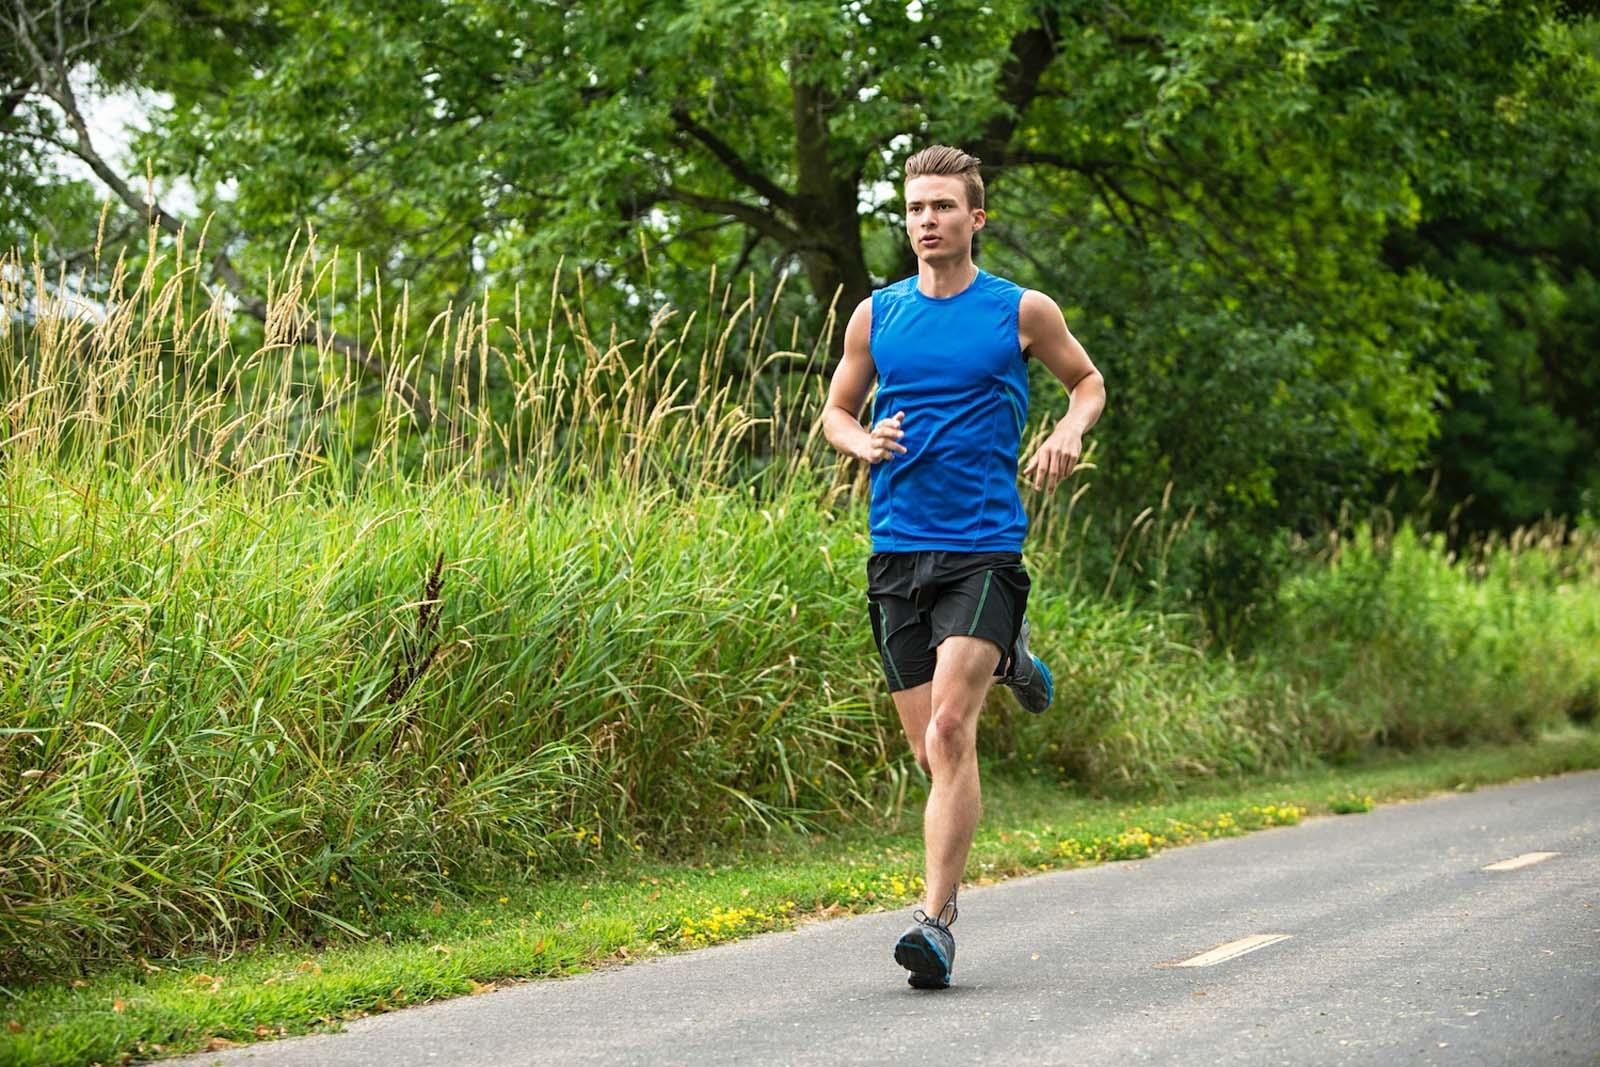 ورزش کرنے سے کام کا تناؤ کم ہوتا ہے